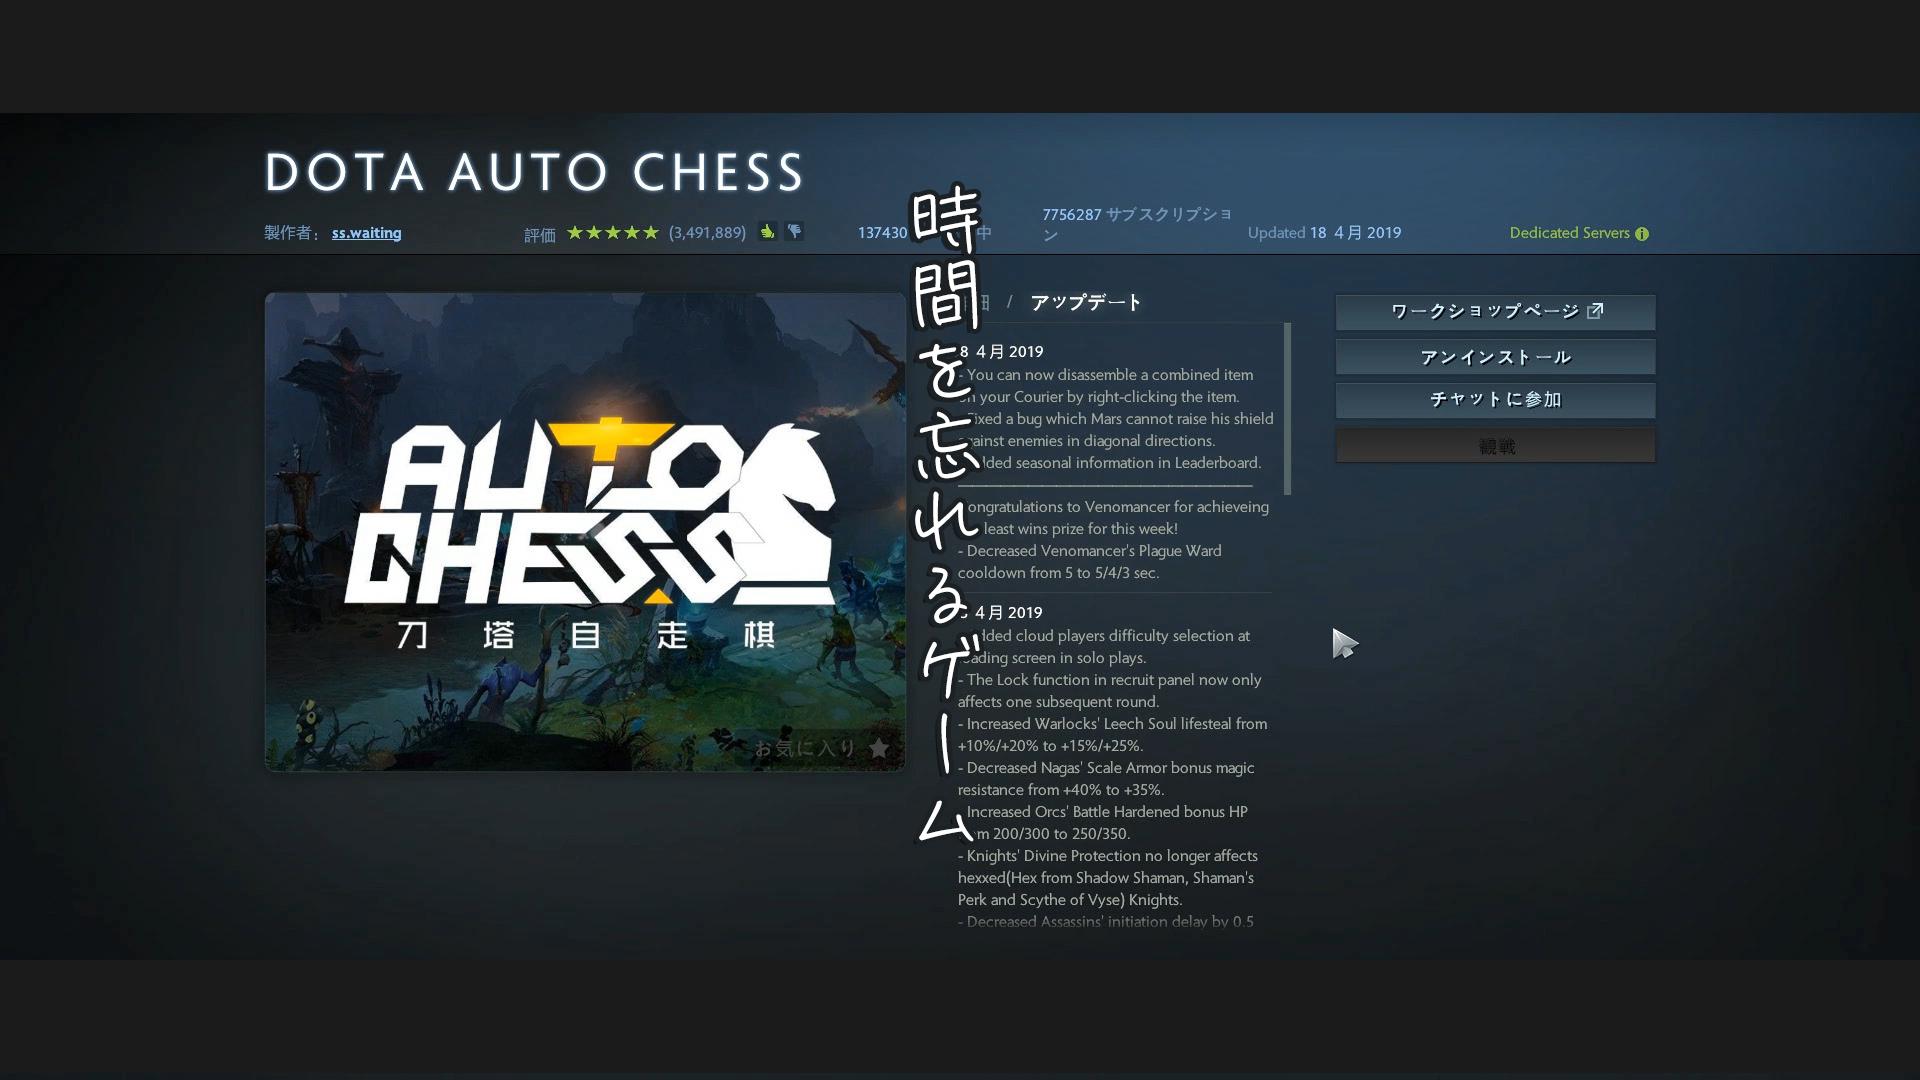 時間泥棒。Dota2 AUTO CHESSはマジで面白い。